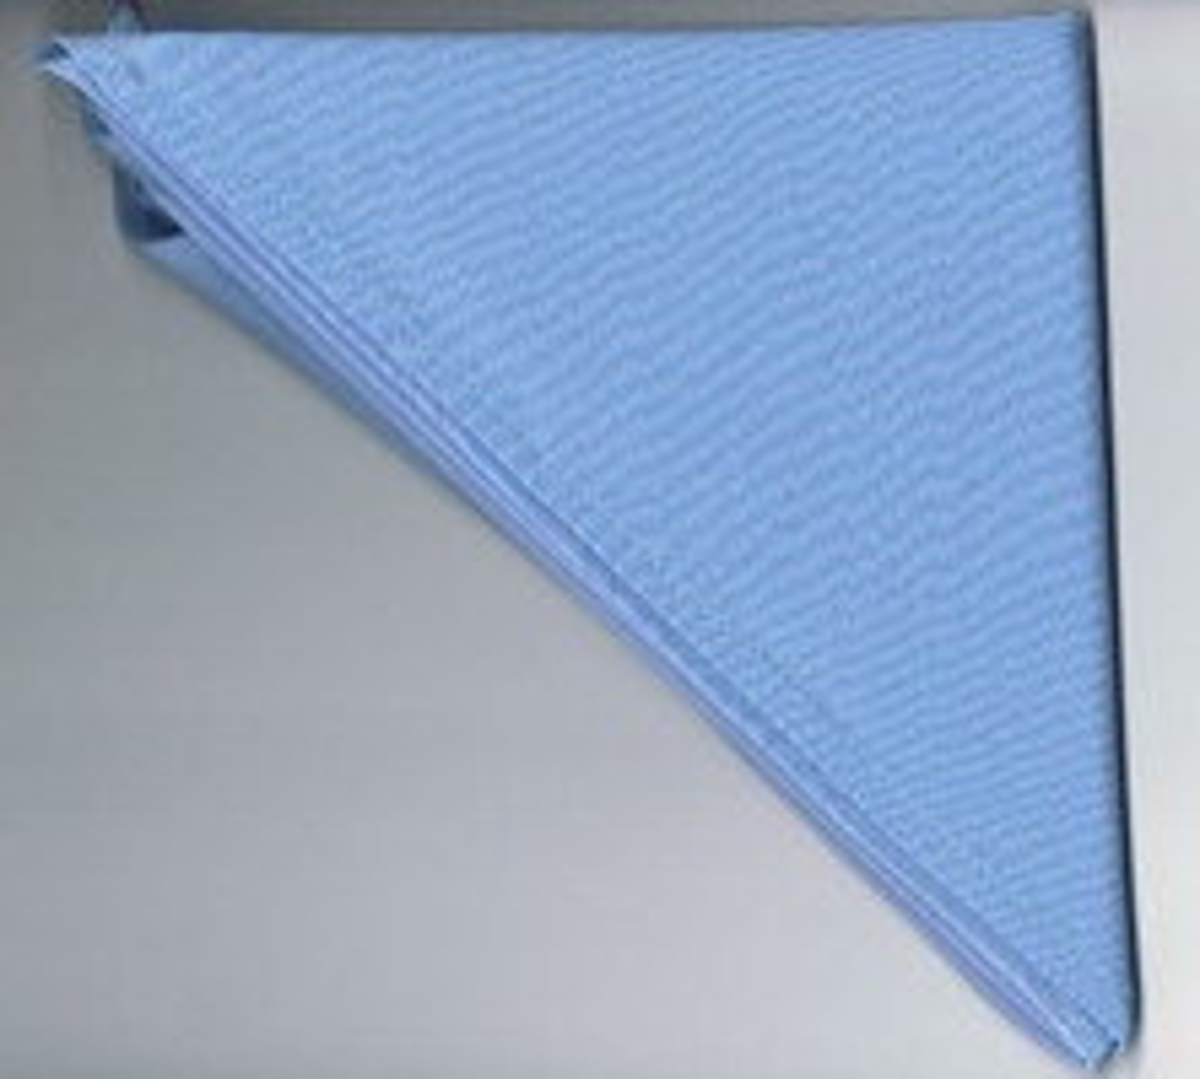 Halstuch / Dreiecktuch einfarbig hellblau, gesäumt